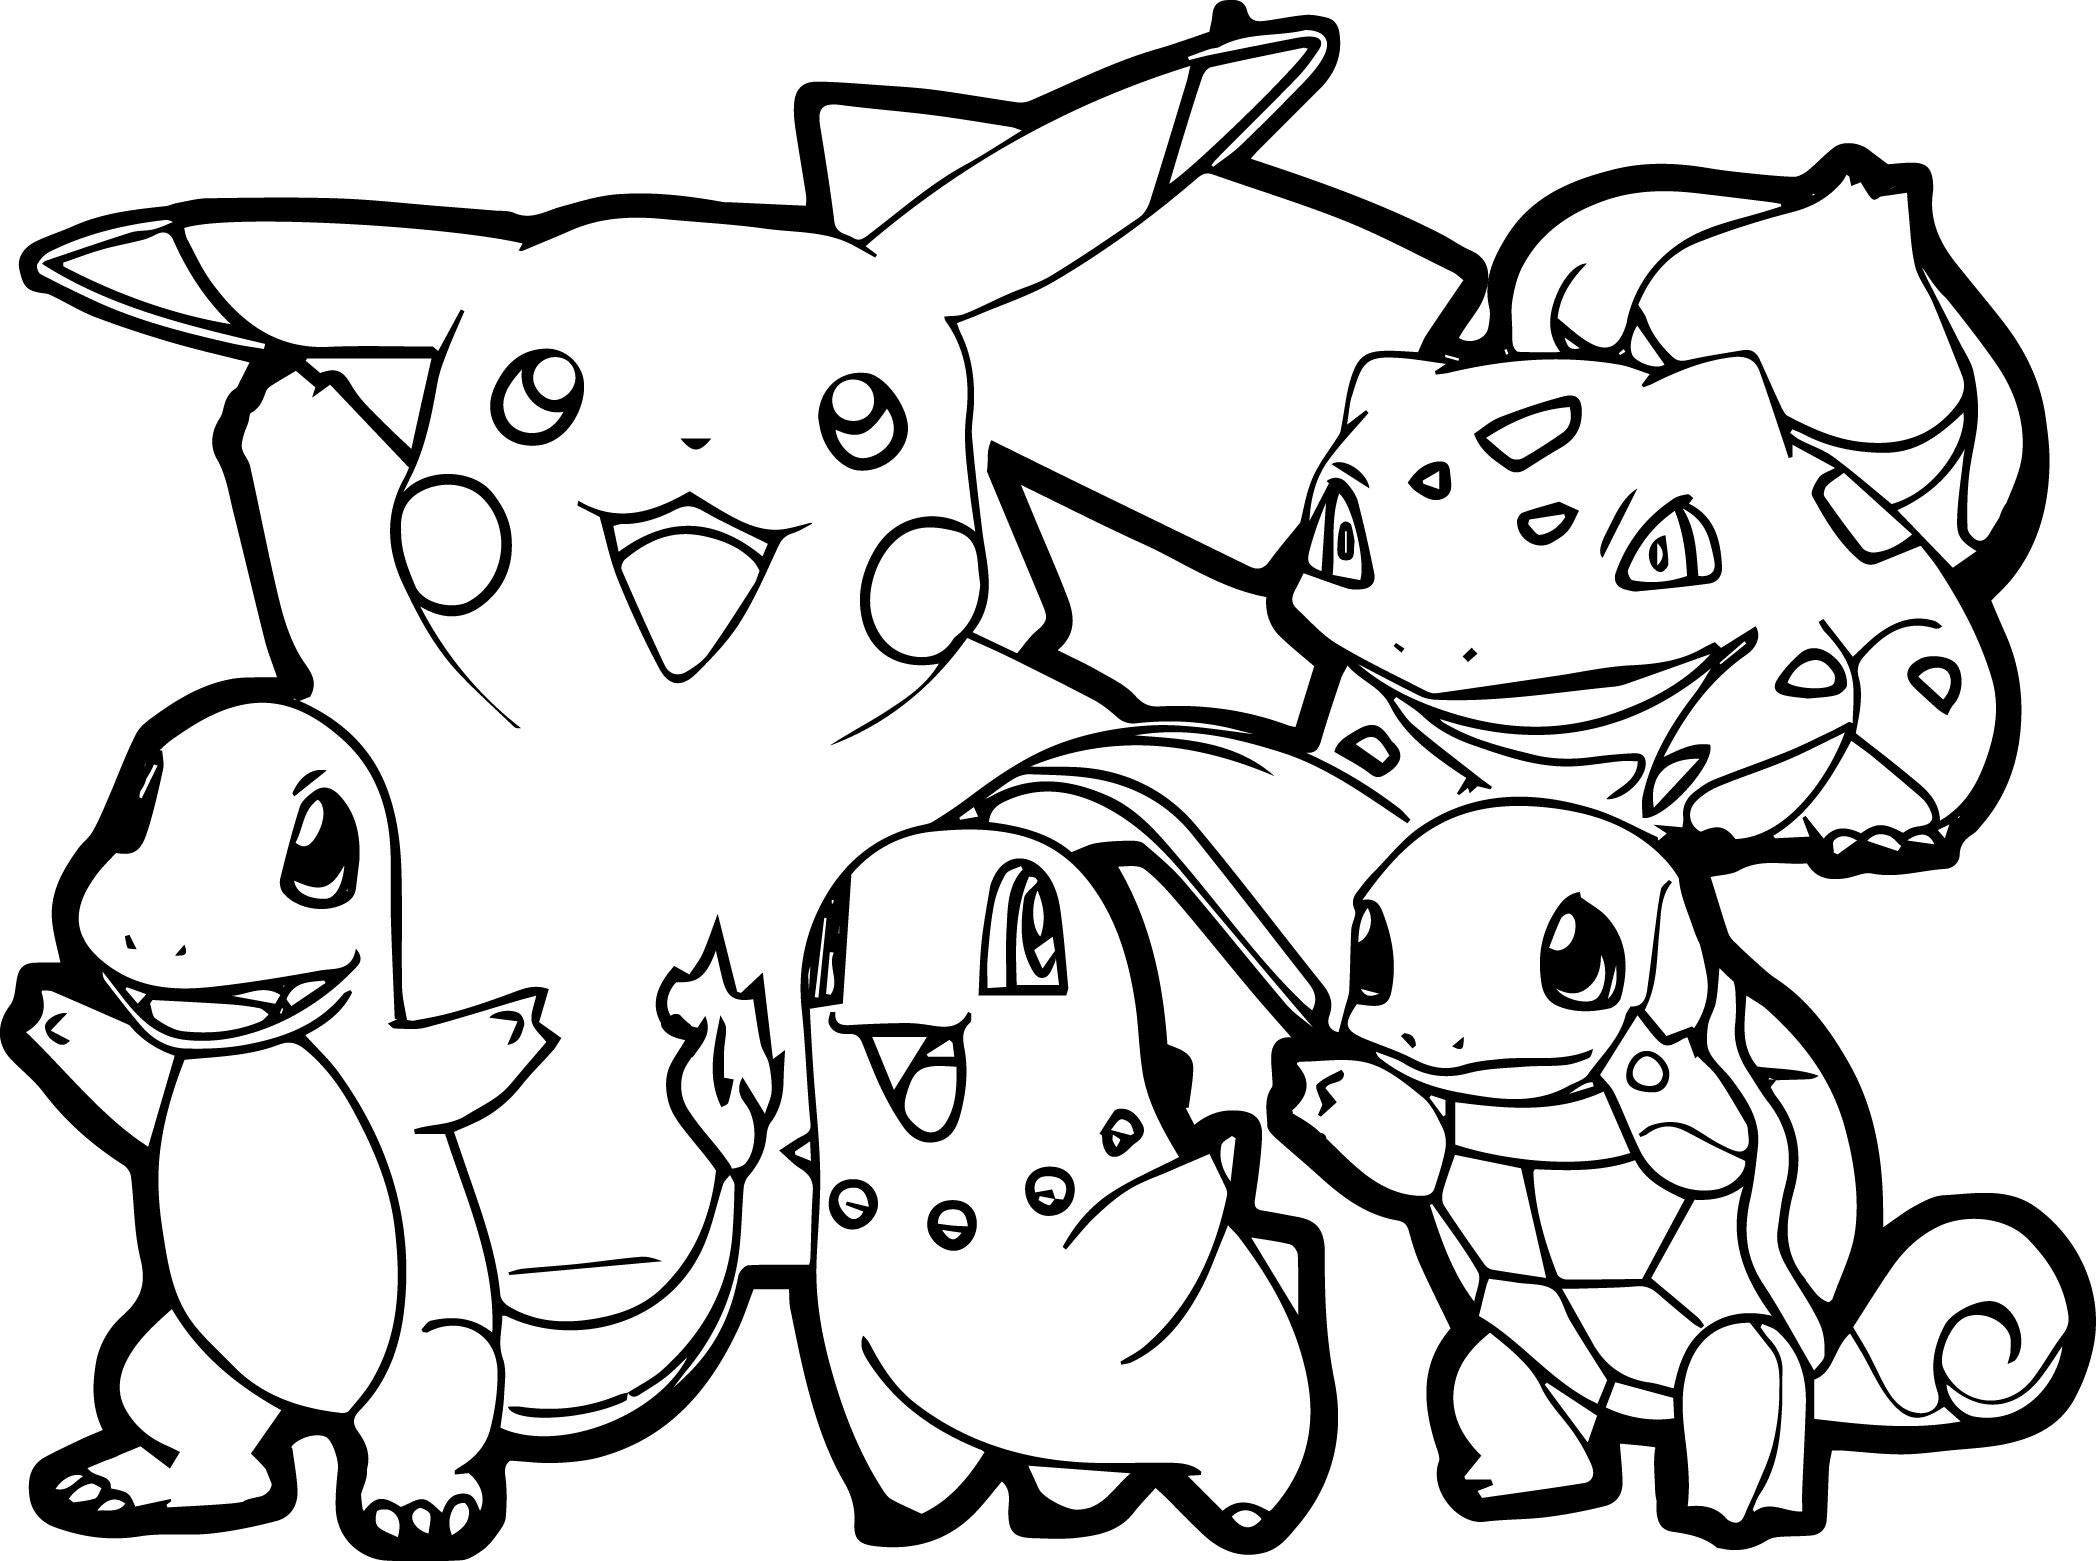 Pokemon For Children - All Pokemon Coloring Pages Kids Coloring Pages - Pokemon Printables Free